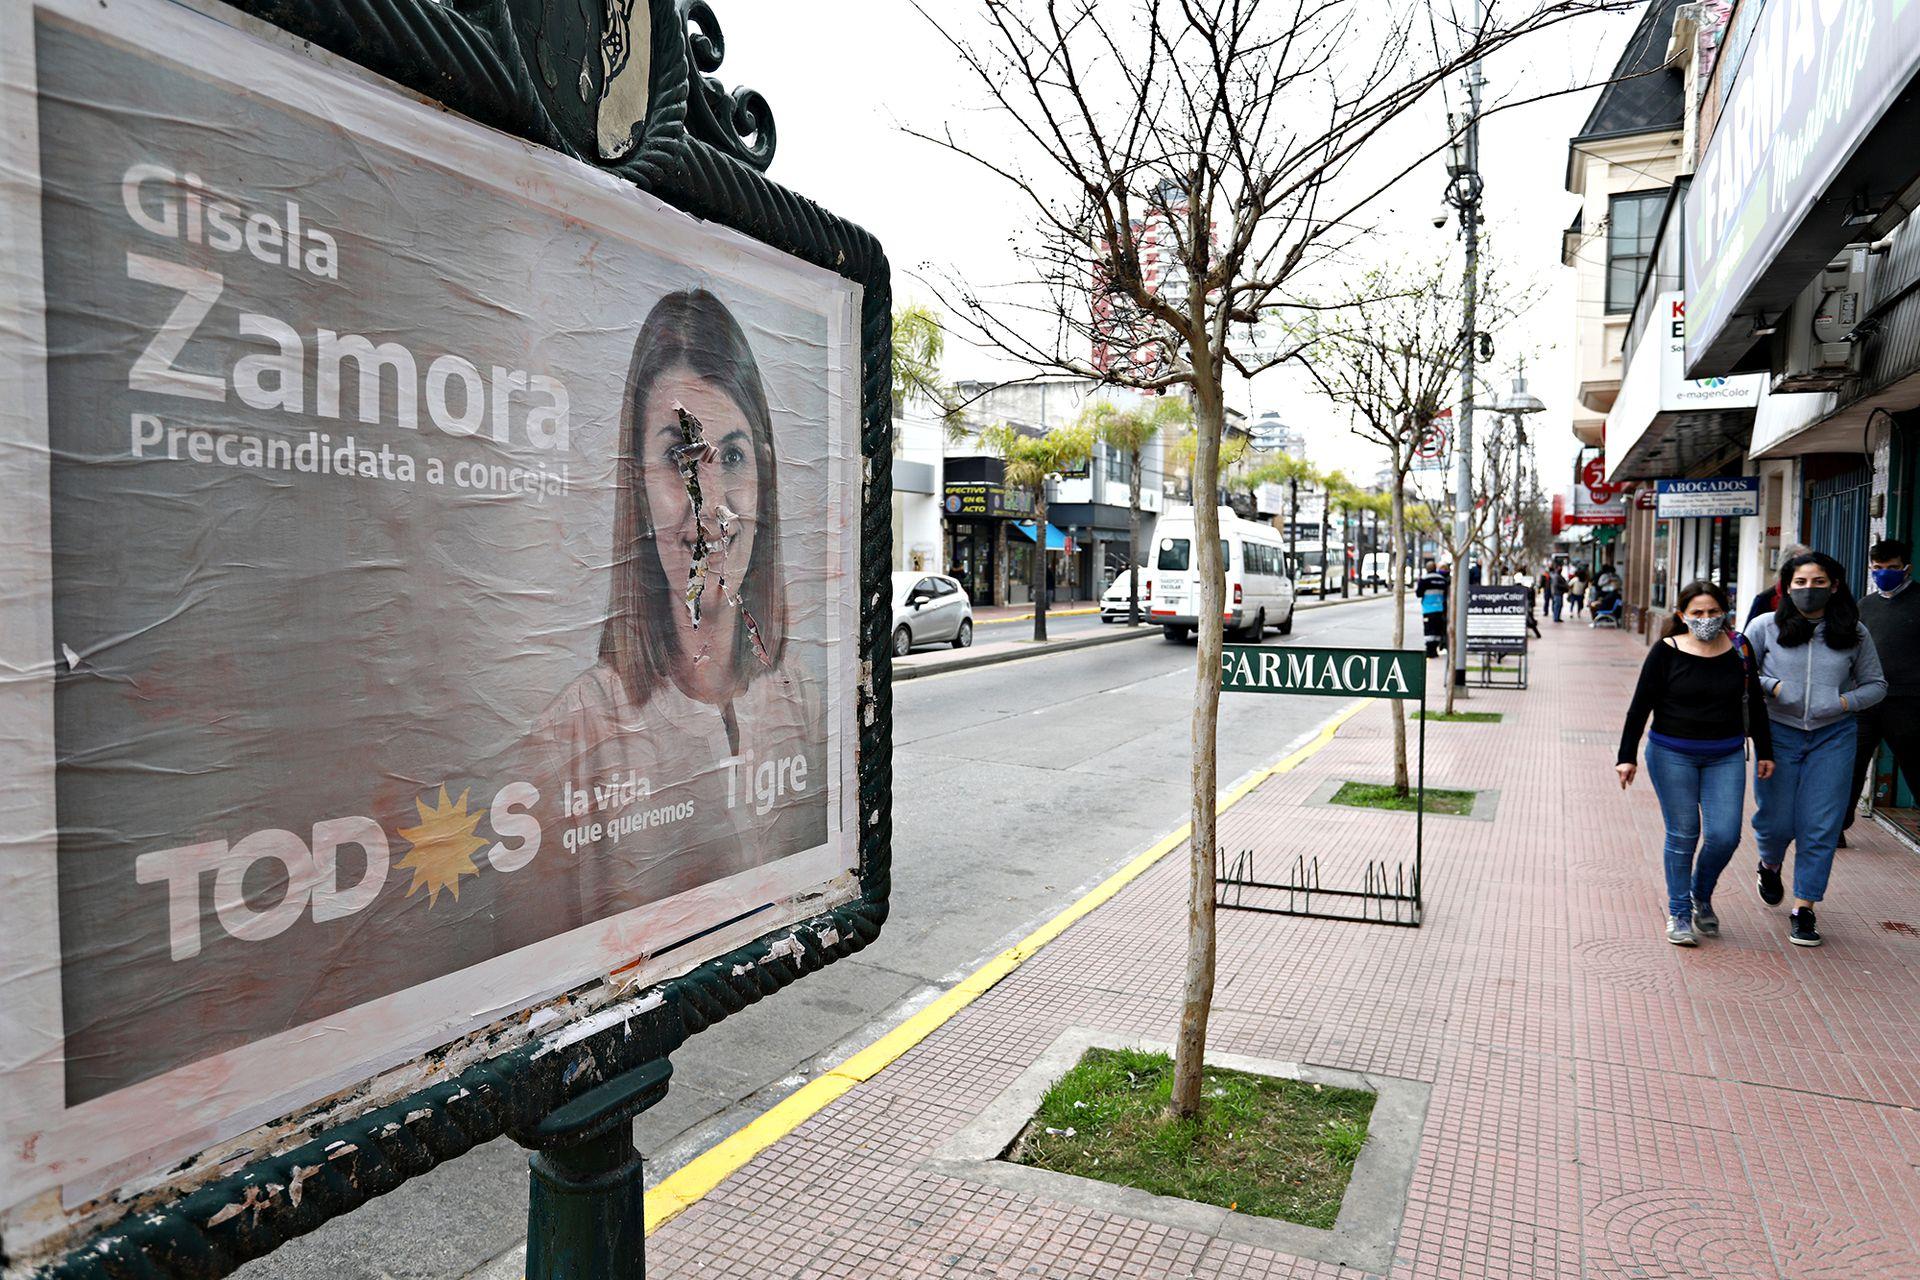 En Tigre, Gisela Zamora, esposa del intendente, fue derrotada por Juntos